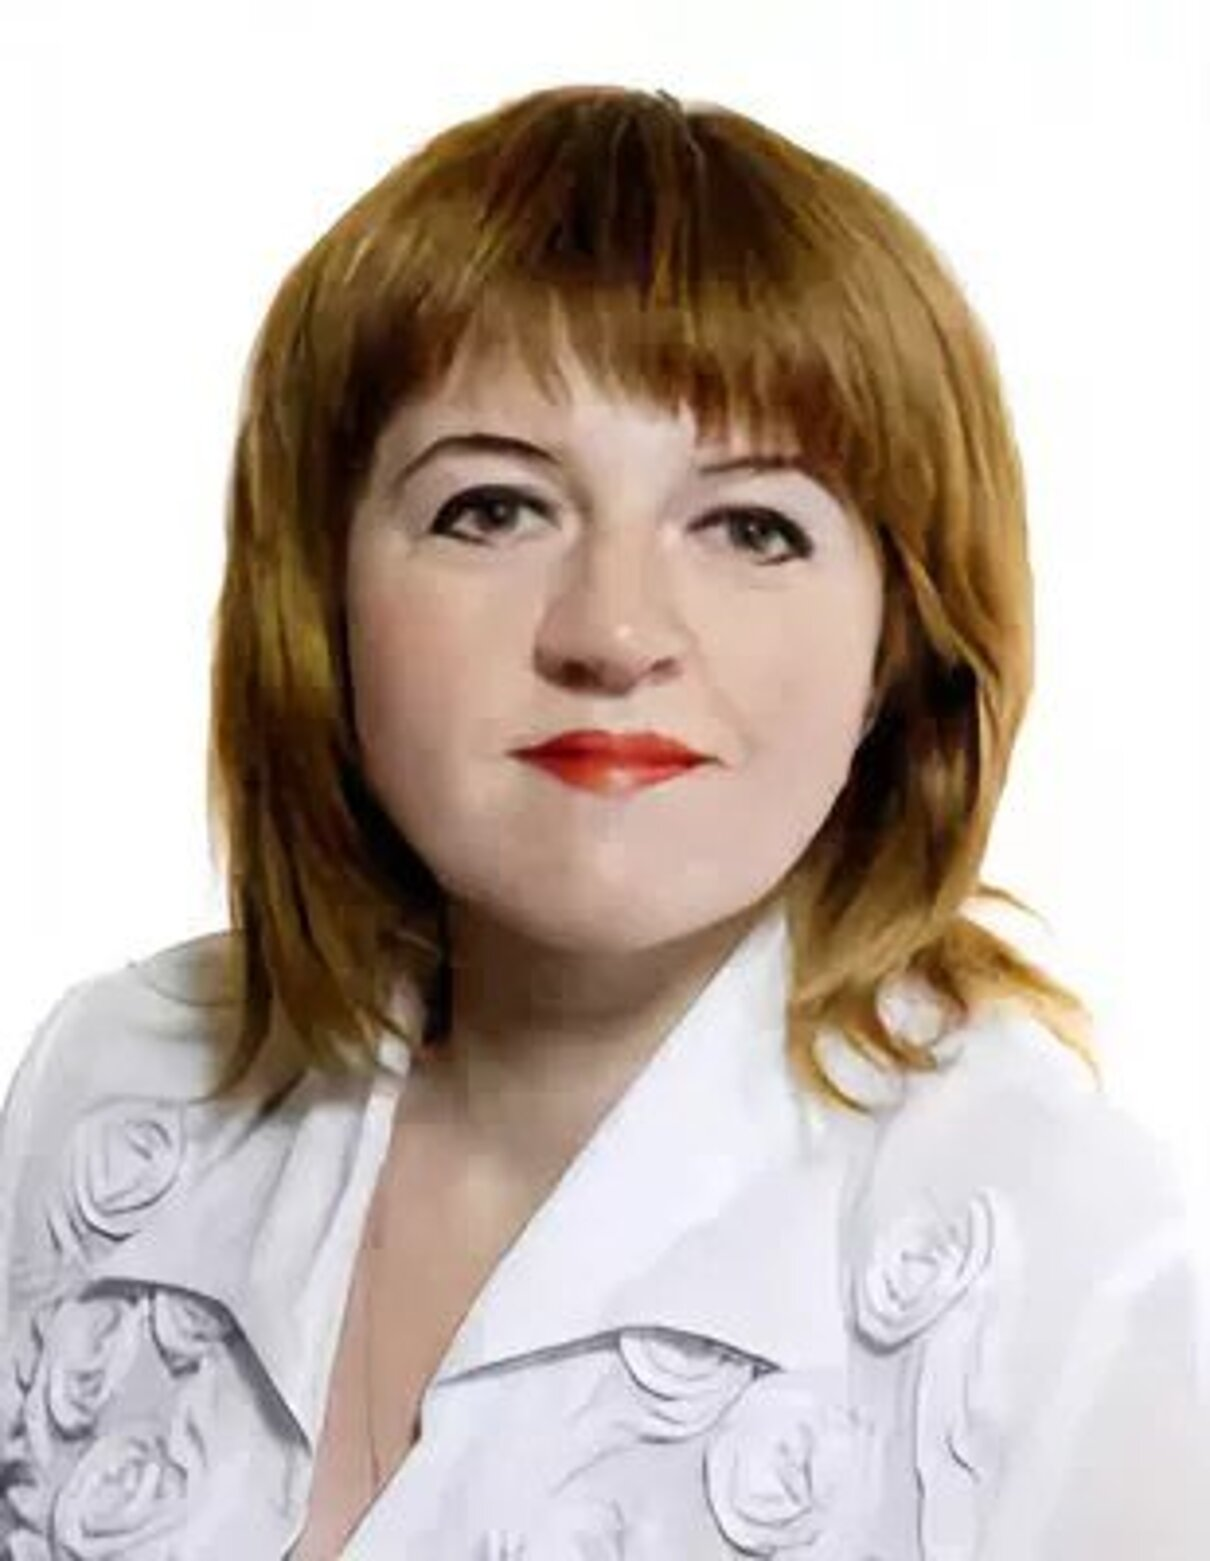 Жалоба-отзыв: Кондратюк Ольга Михайловна - Мошенница-кидала.  Фото №1